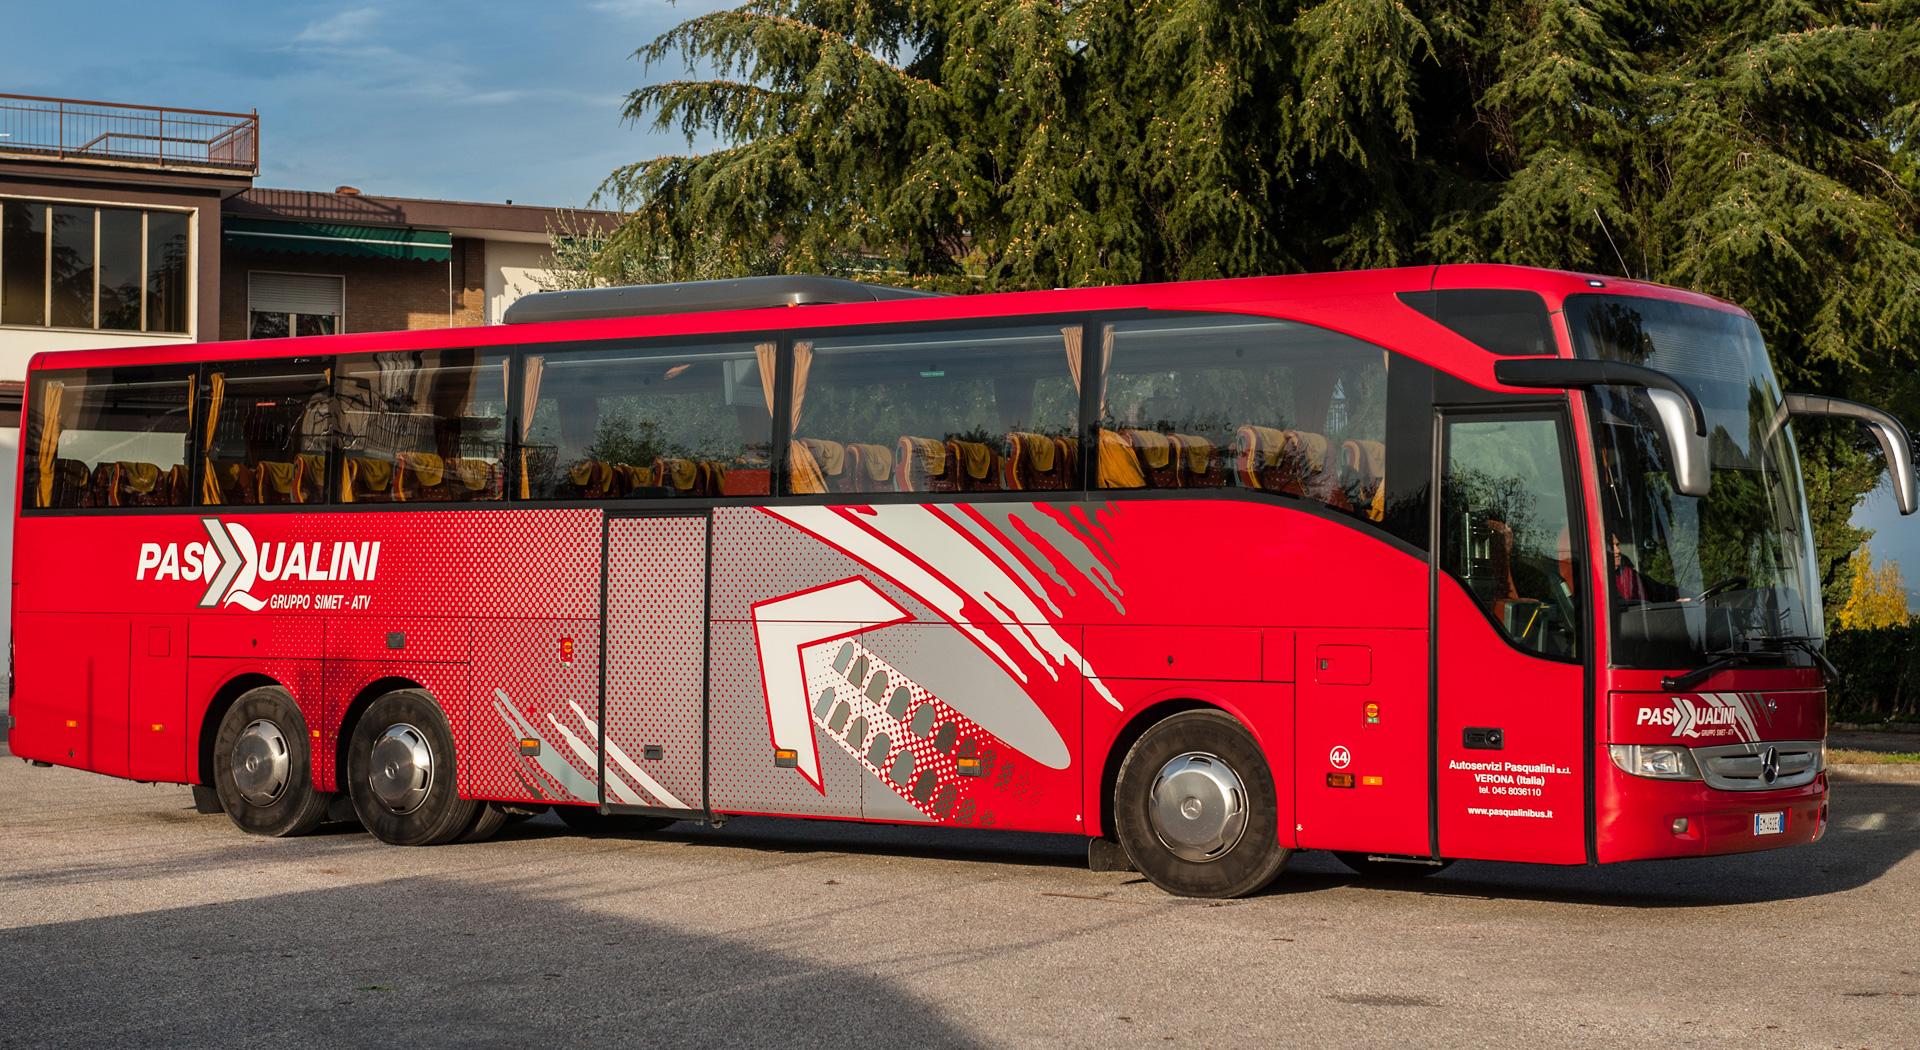 Pasqualini Autobus Verona - Evobus Mercedes Benz 1